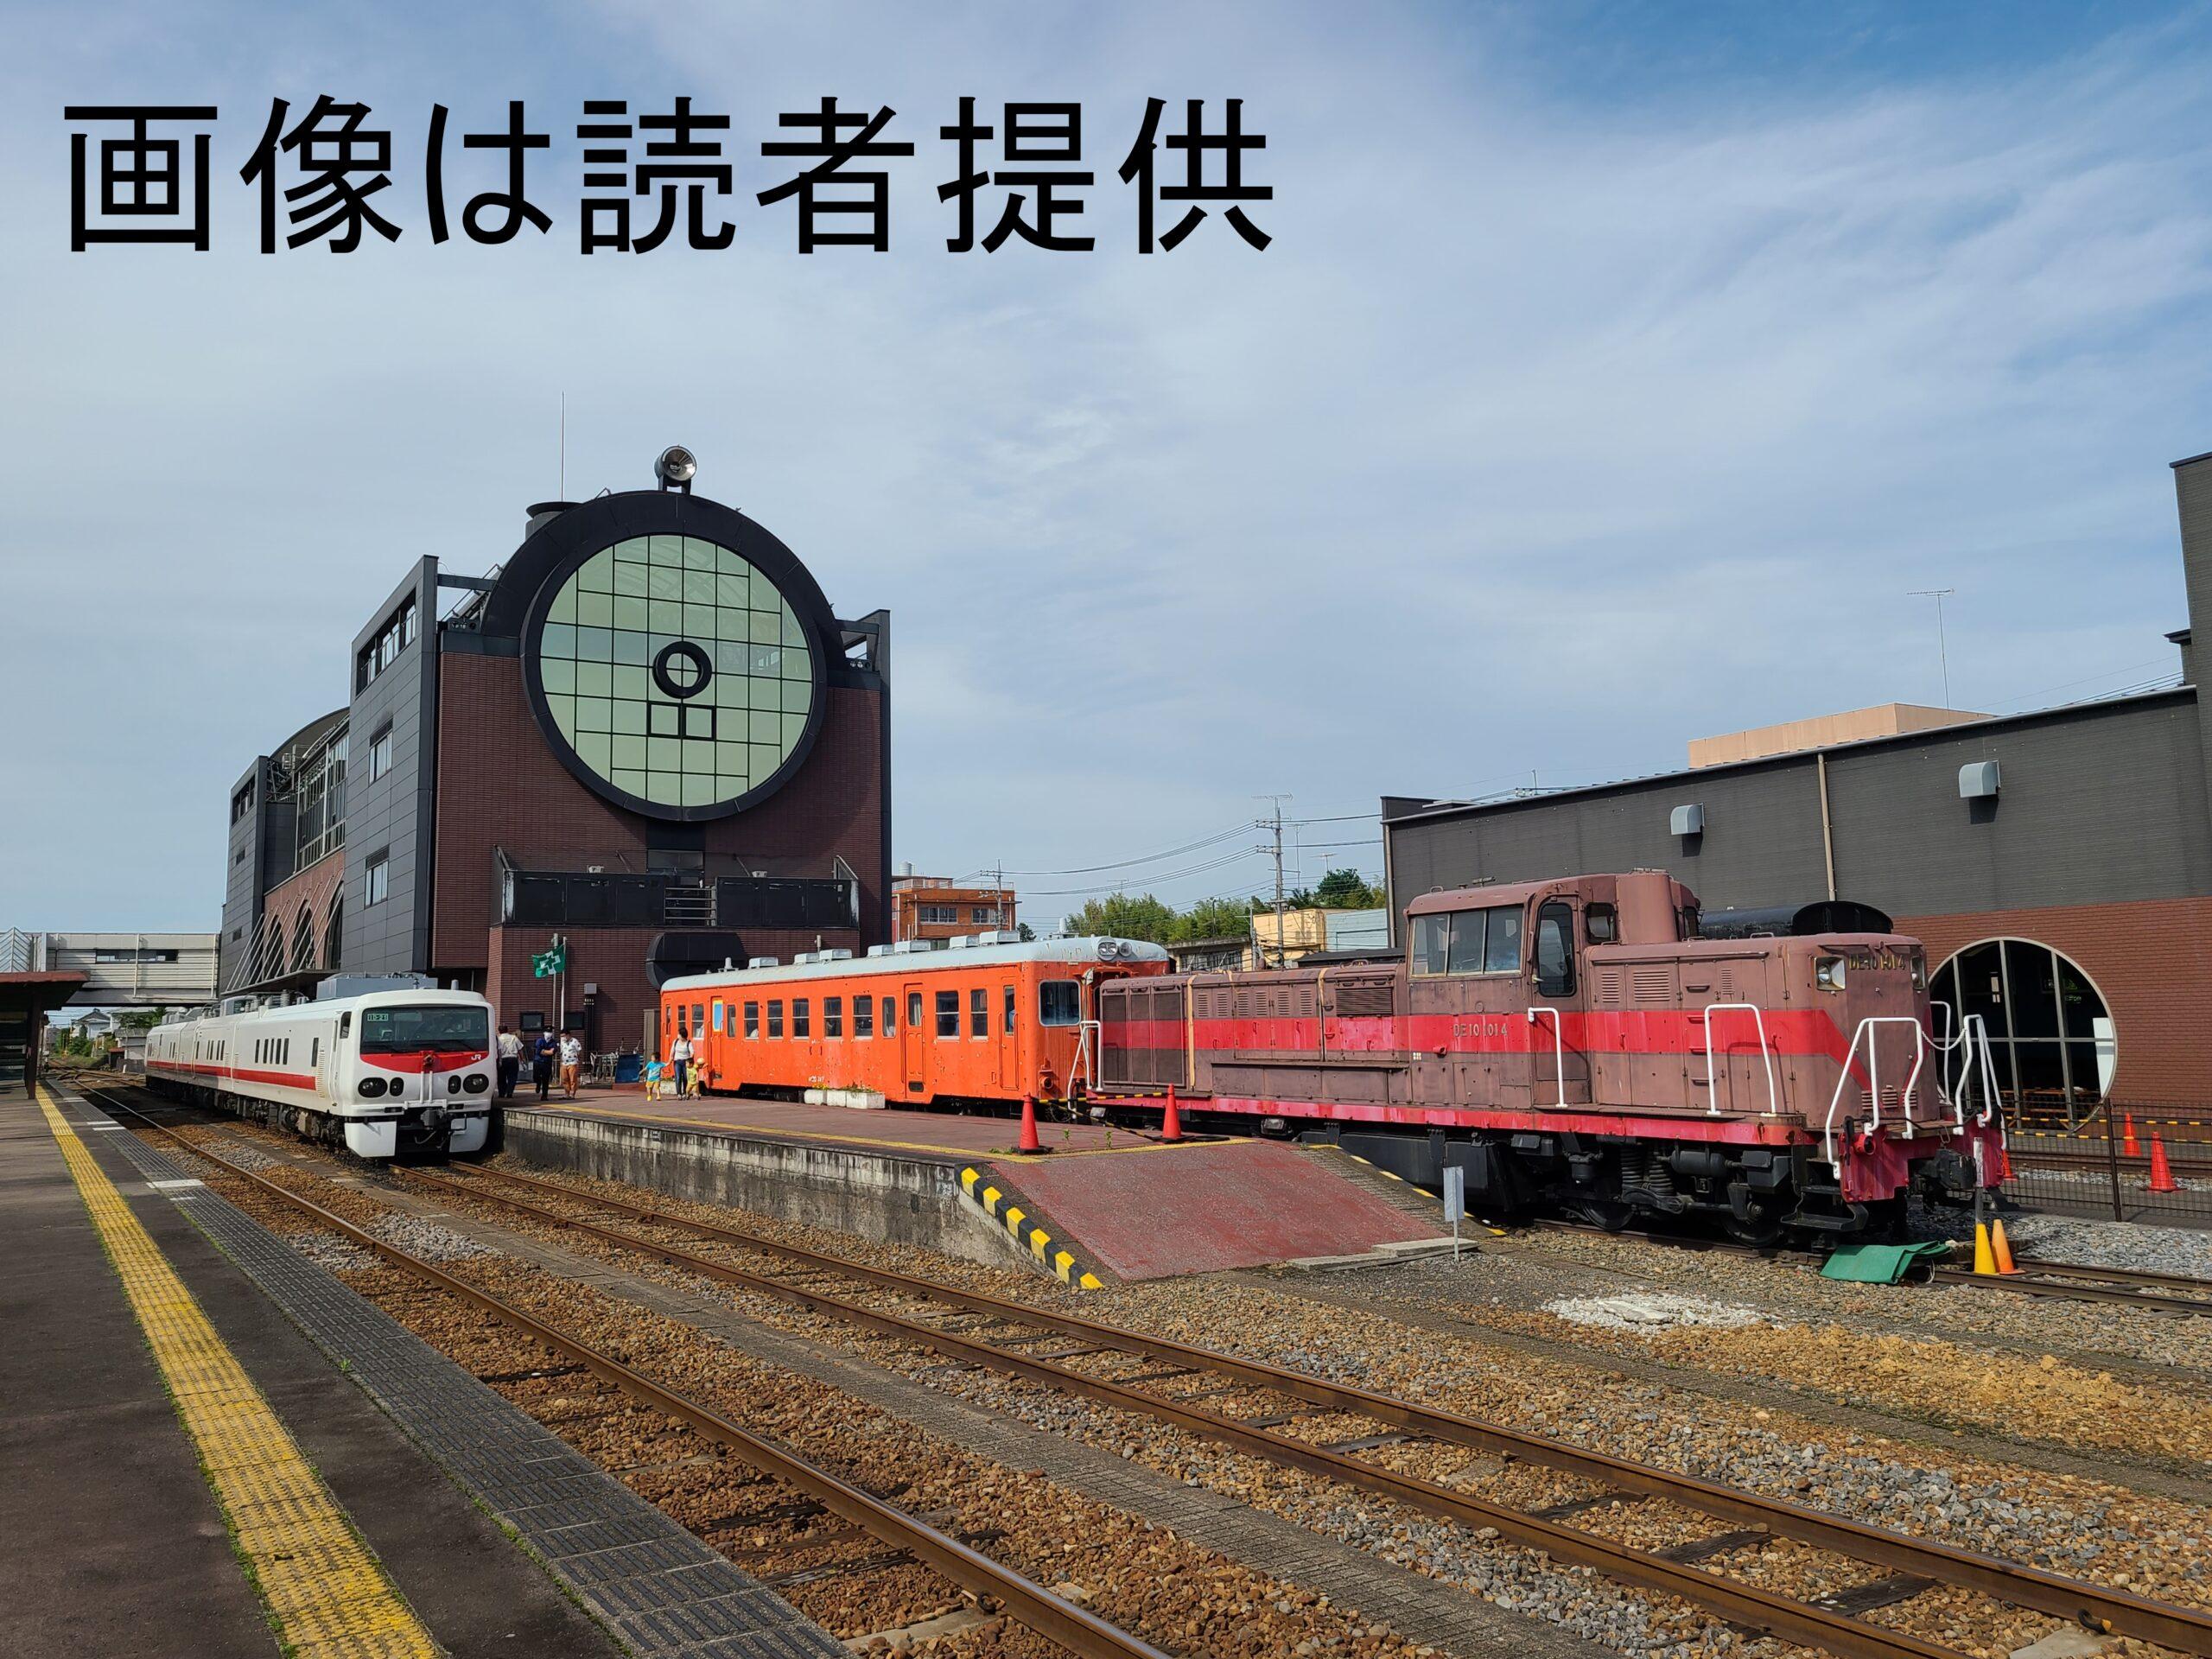 【真岡鐡道にJR東日本車両】E193系East-i-Dが軌道検測